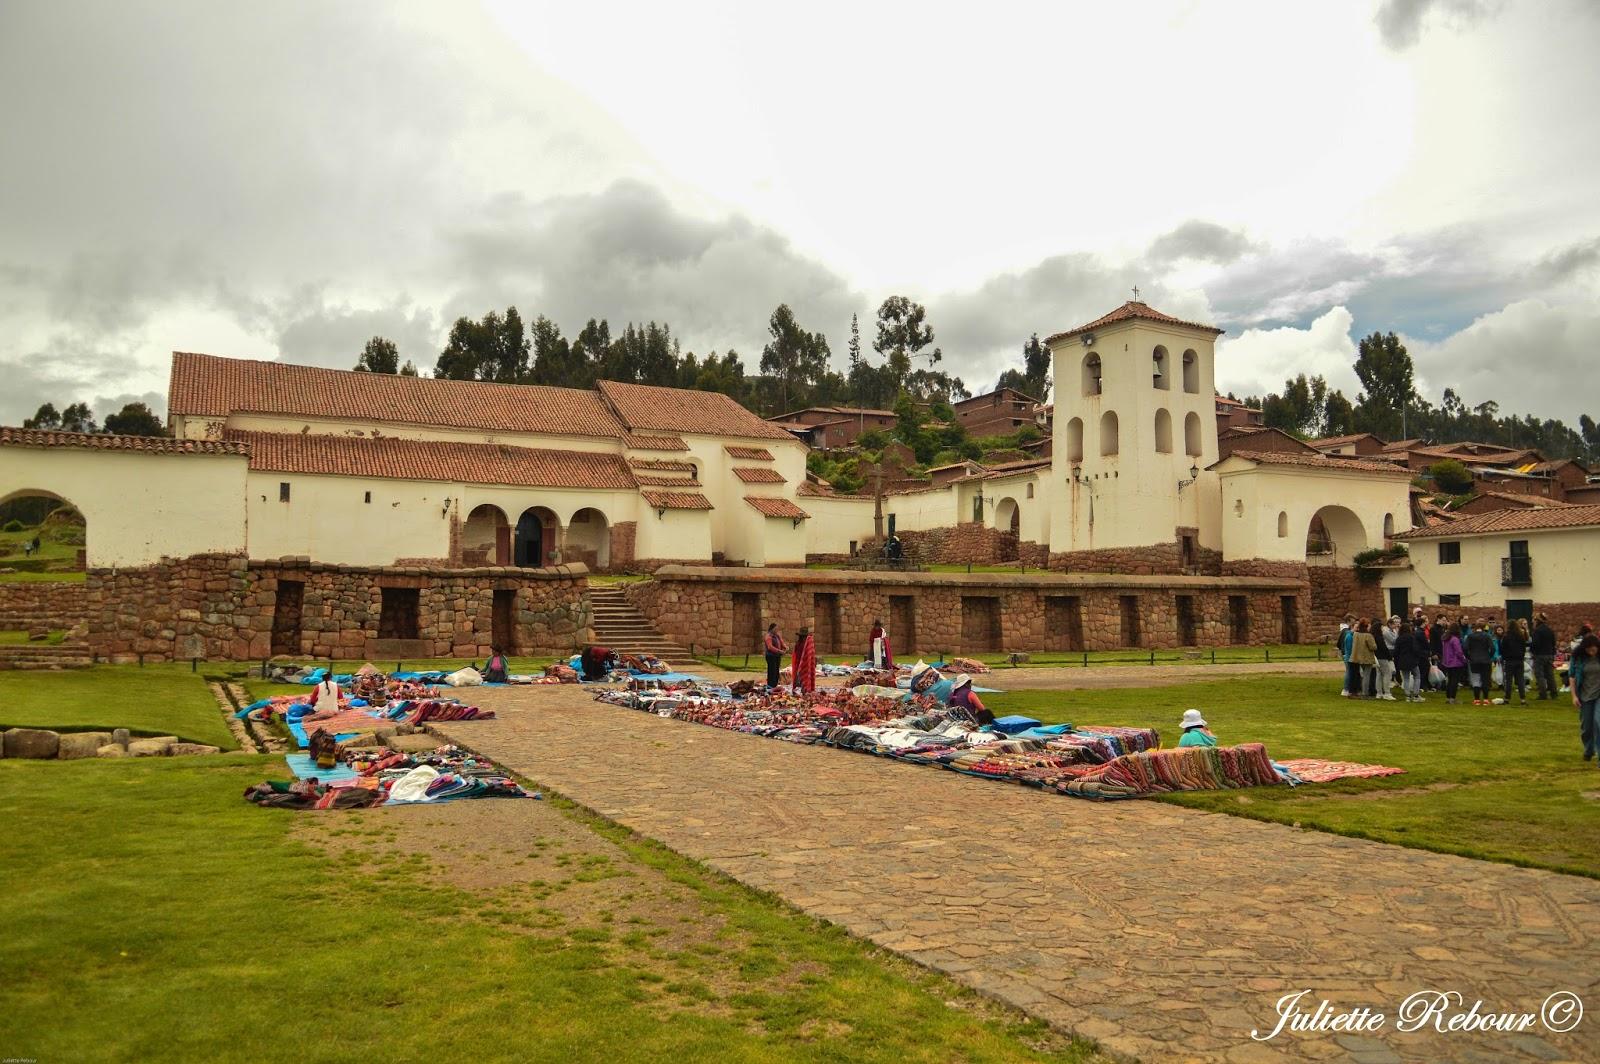 Eglise coloniale de Chinchero au Pérou